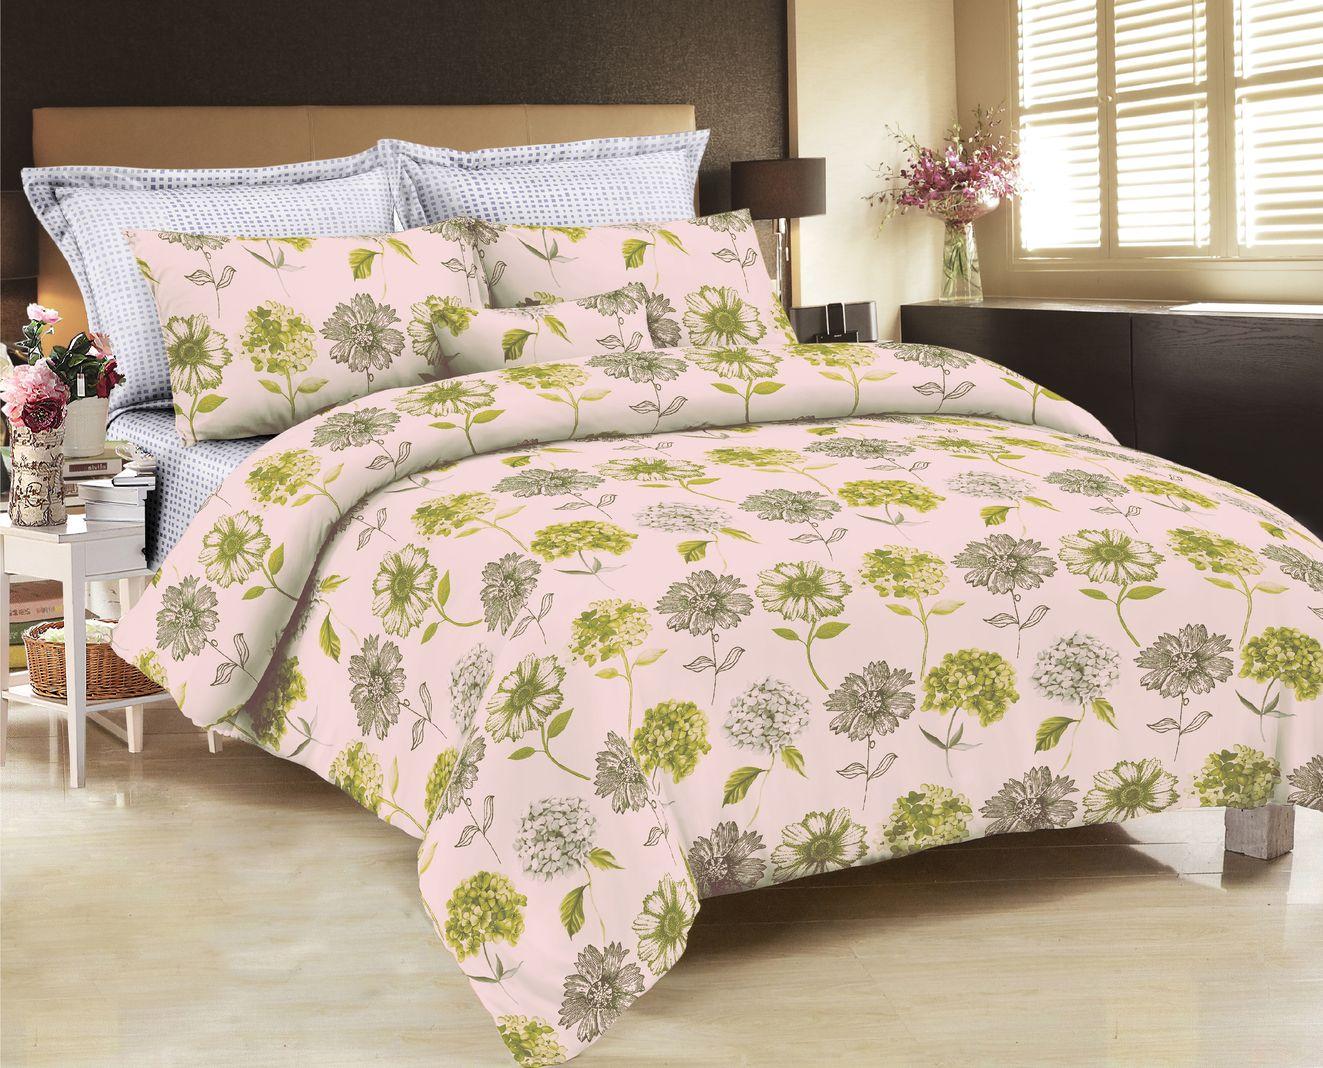 цена Комплект постельного белья Seta Azalea Nautica 019033317, евро, наволочки 50x50 см онлайн в 2017 году